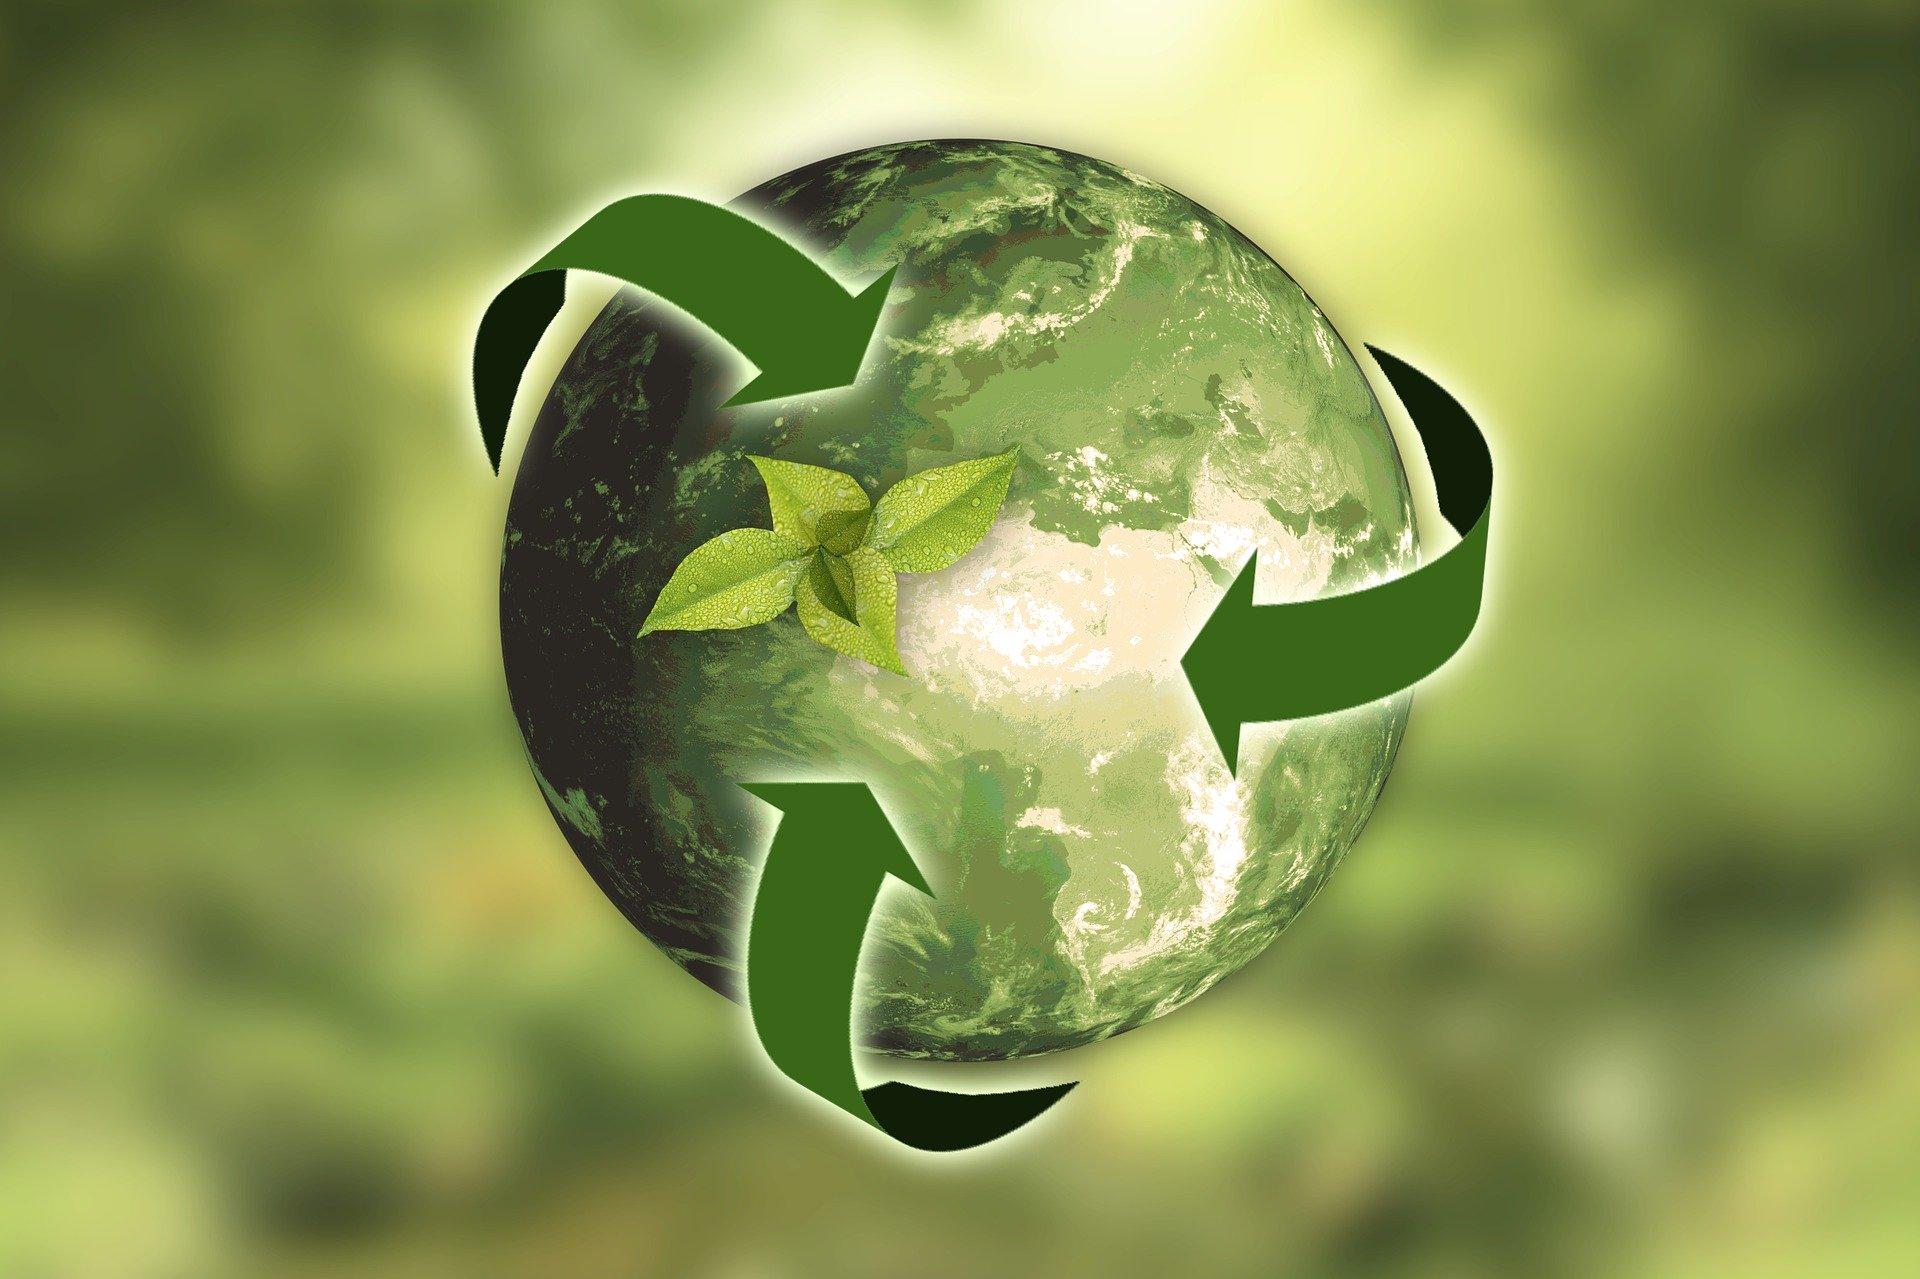 Riapertura al pubblico Ecosportello